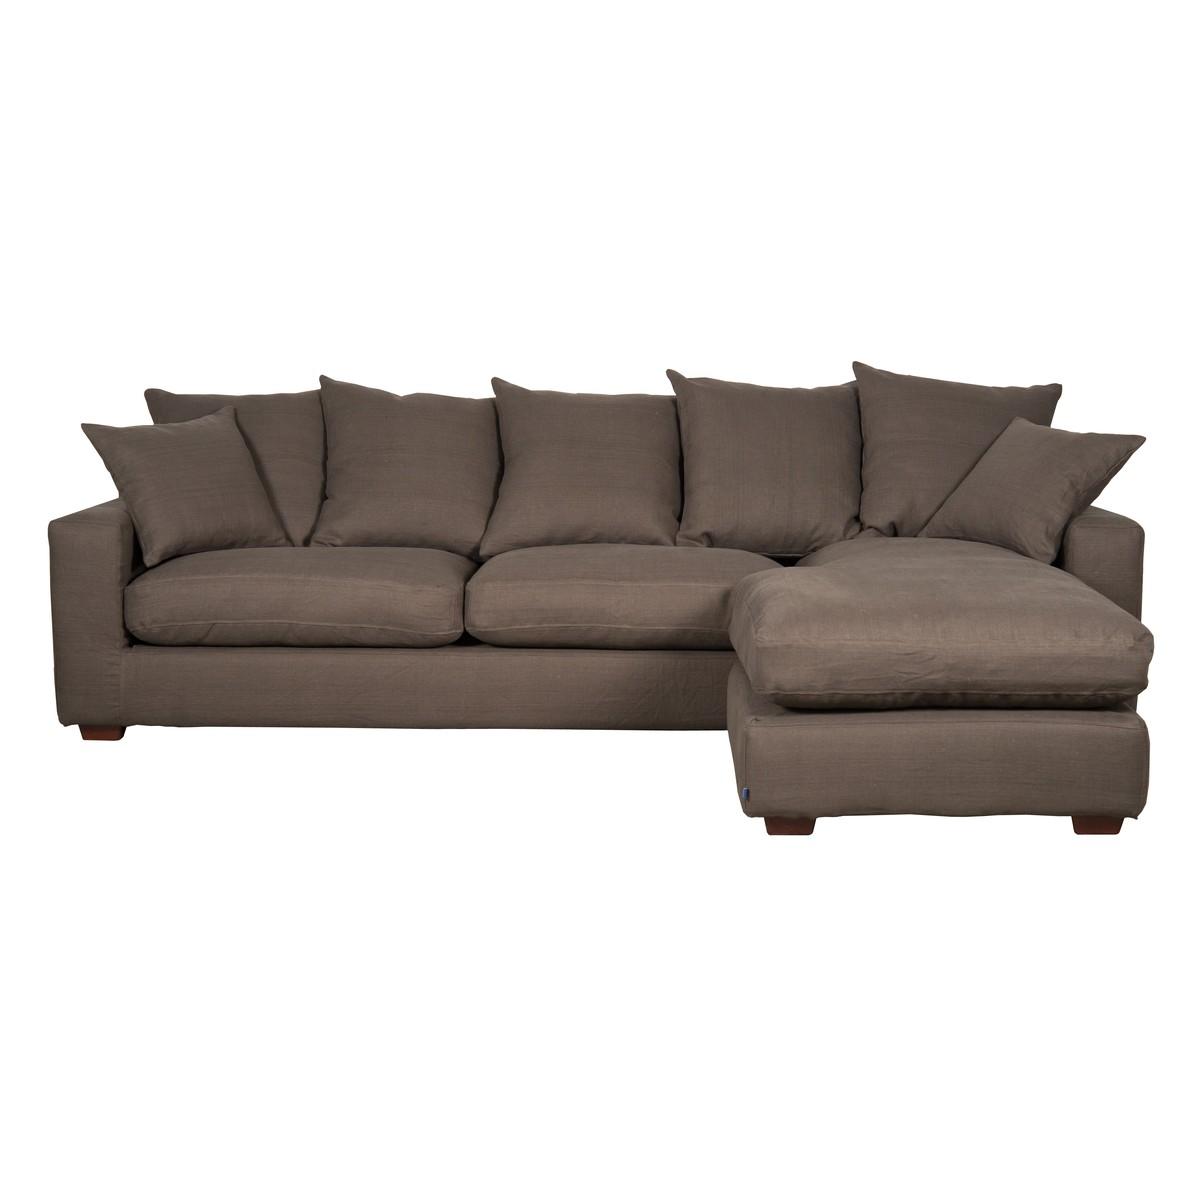 Canapé Multi Couleur tout pr interiors cornwall canapé-lit cornwall 2.5 places a multi